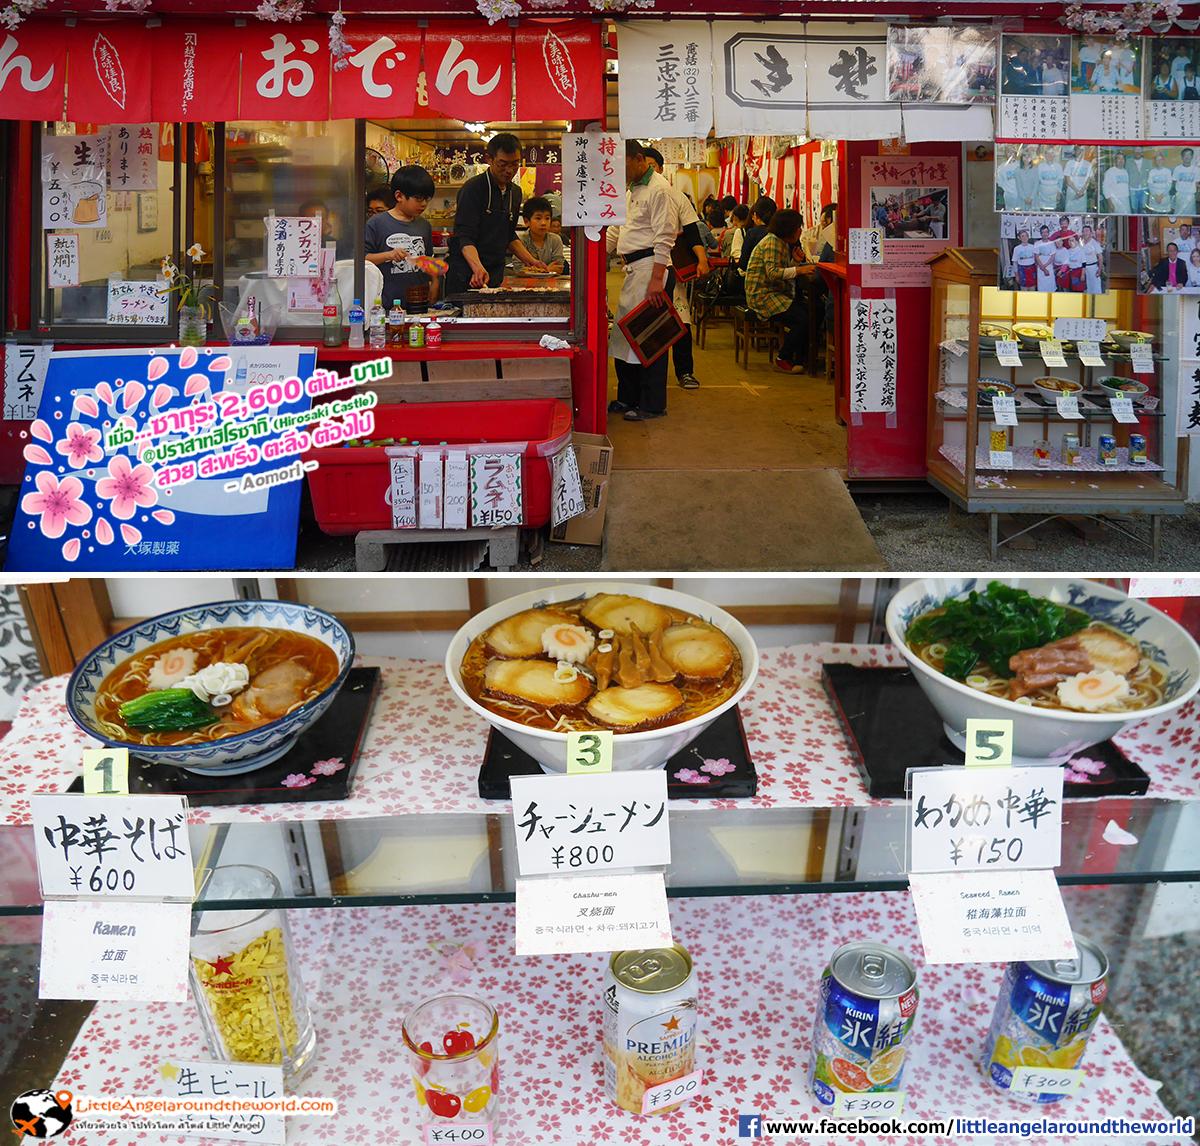 ร้านราเม็งสุดฮิต : เที่ยวอาโอโมริ ซากุระกว่า 2,600 ต้น ที่ปราสาทฮิโรซากิ (Hirosaki Castle)